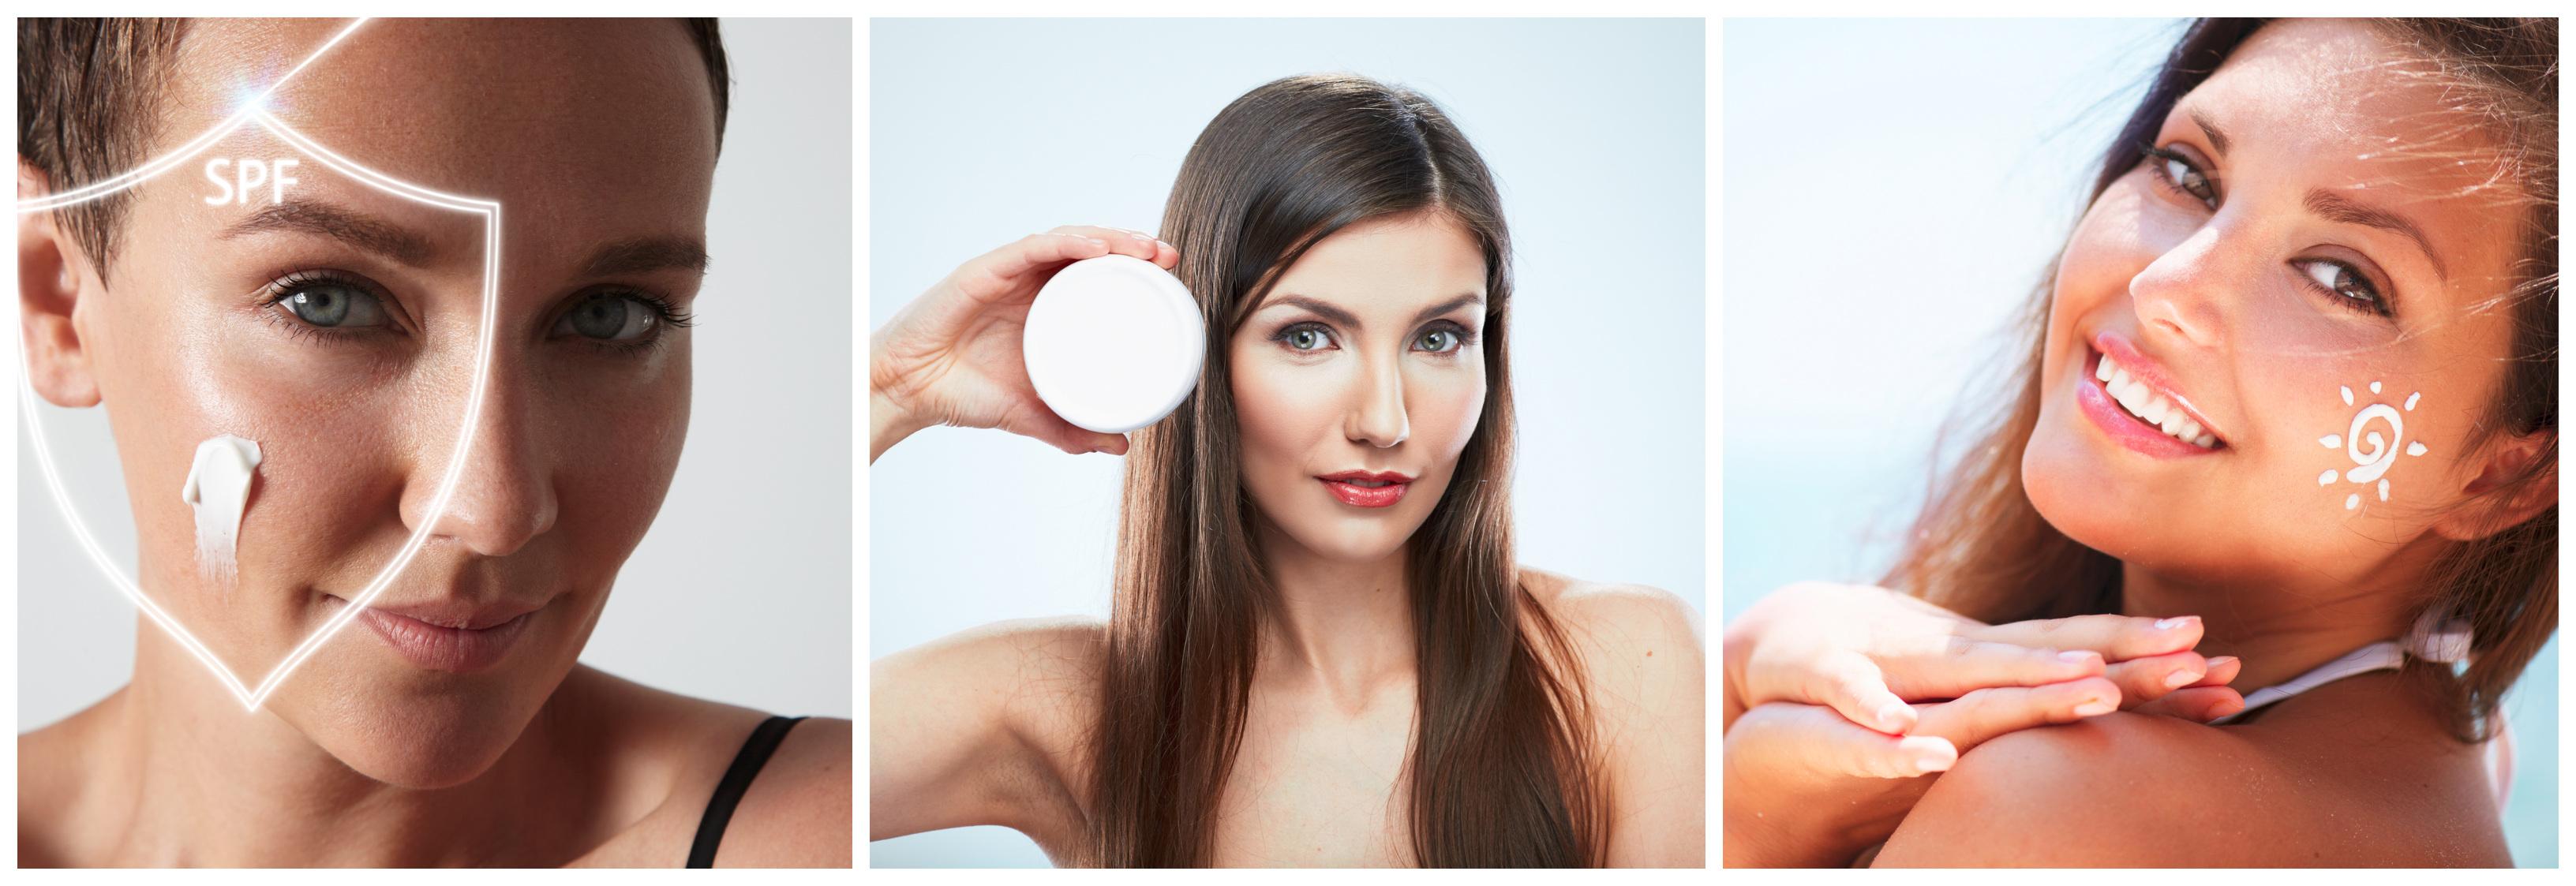 Crema cu protecție solară pentru față - indispensabilă în orice anotimp!